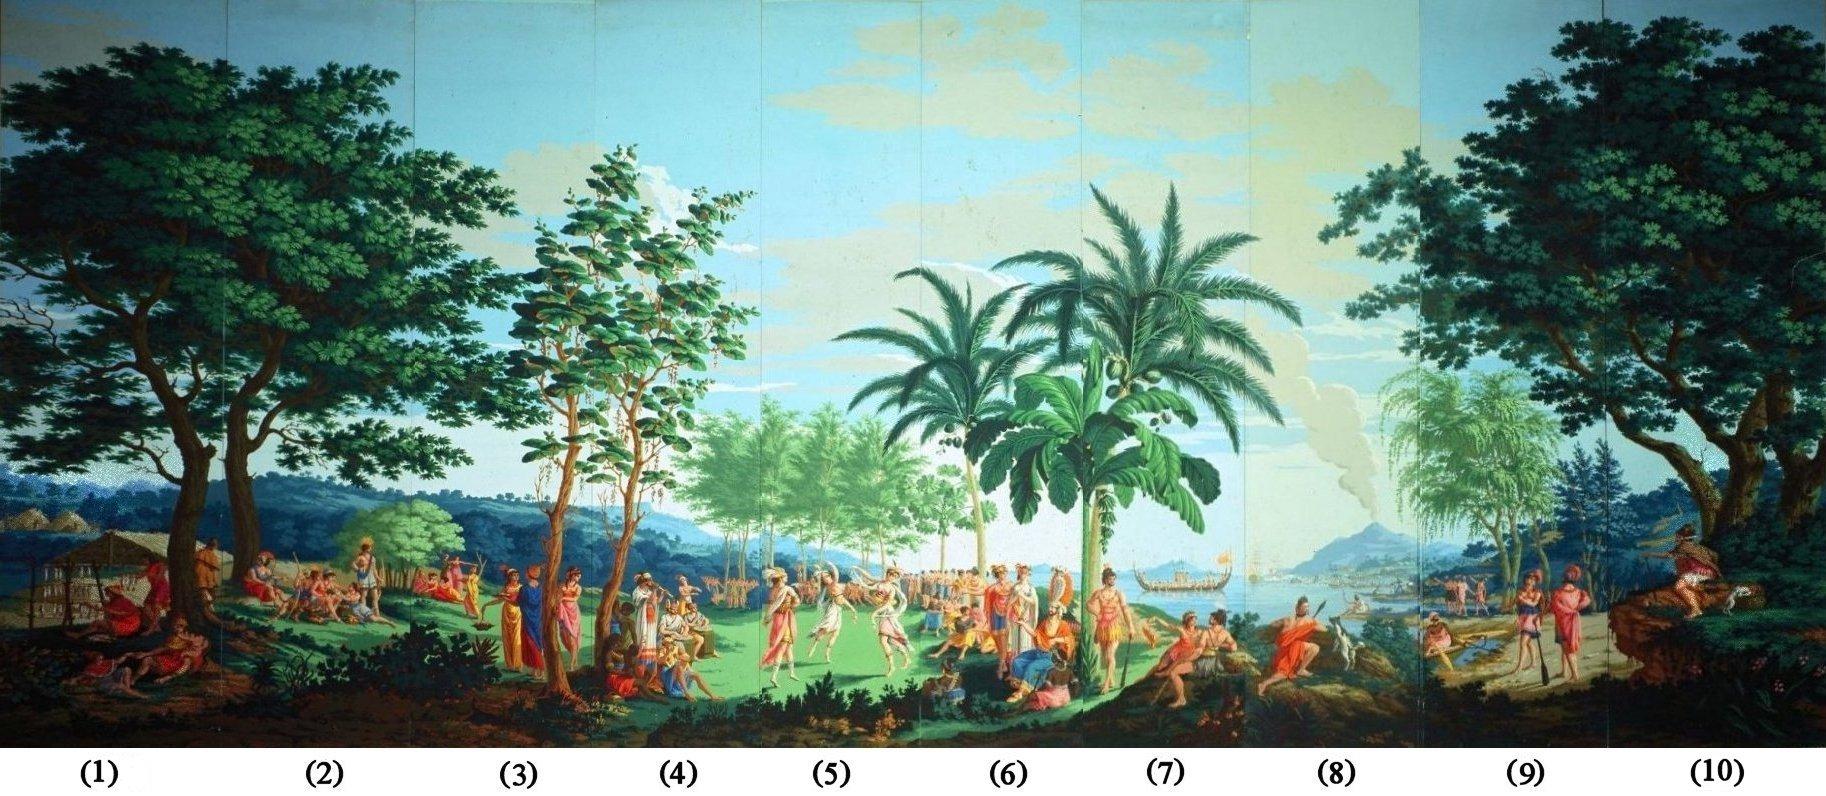 File 39 sauvages de la mer pacifique 39 panels 1 10 of for Printed wallpaper